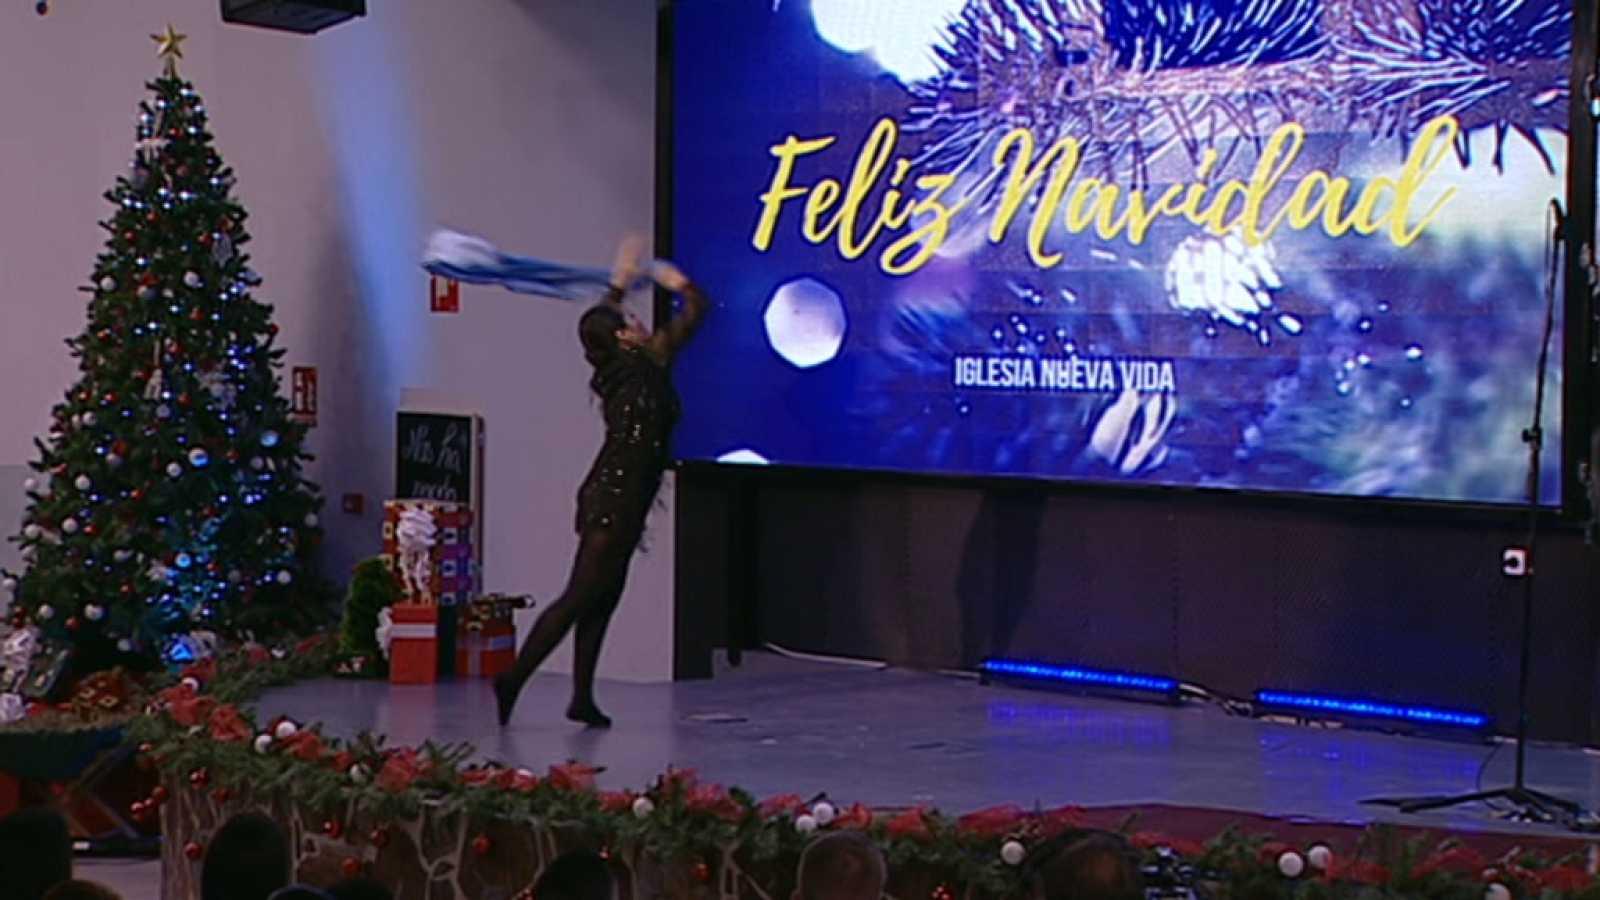 1f29366acdb Para todos los públicos Culto Evangélico de Navidad - 25 12 17 - ver ahora  reproducir video